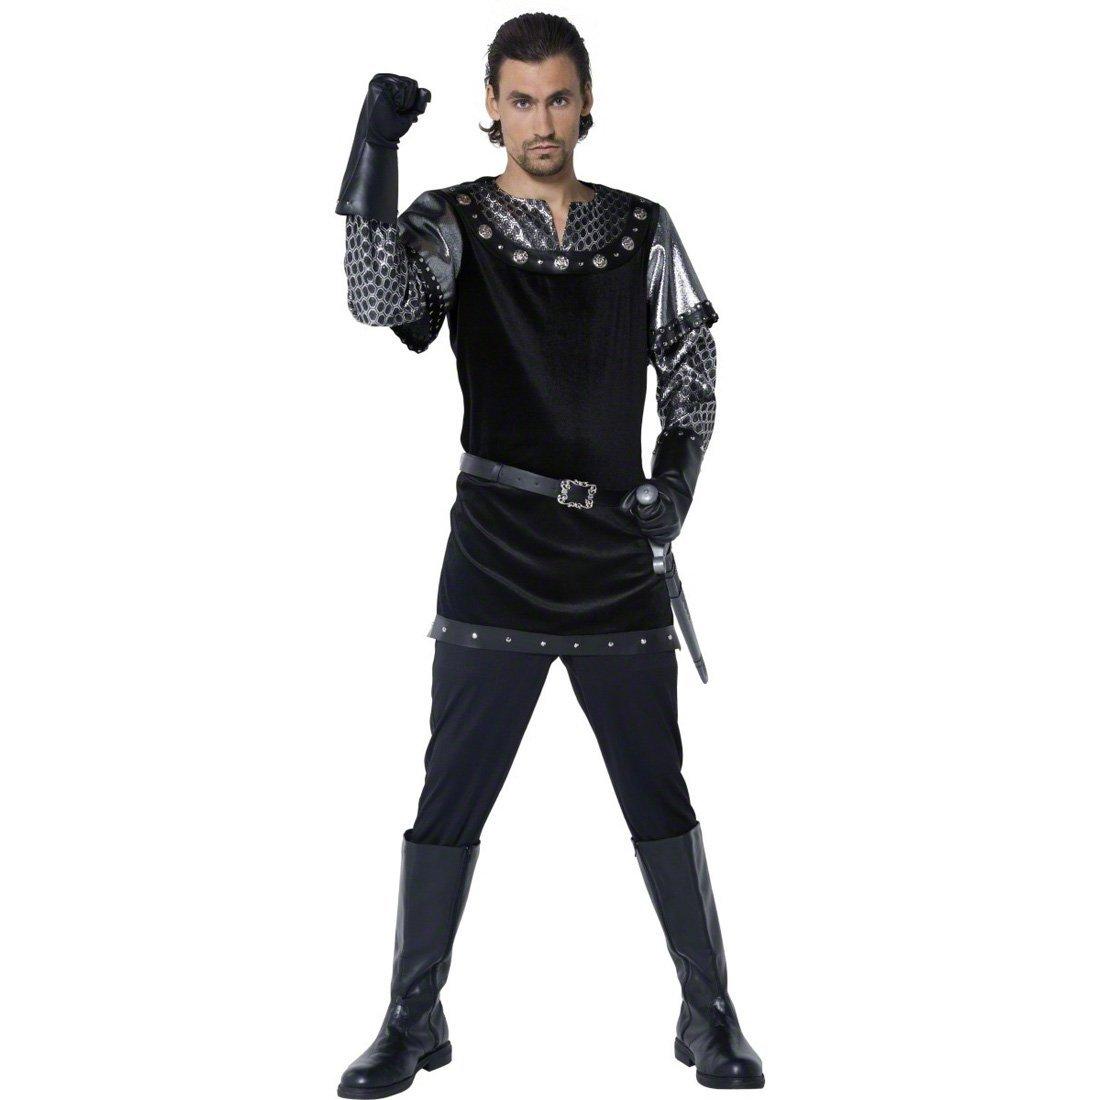 garantía de crédito Traje medieval de caballero de Nottingham disfraz guerrero vestuario vestuario vestuario Edad Media  mas preferencial